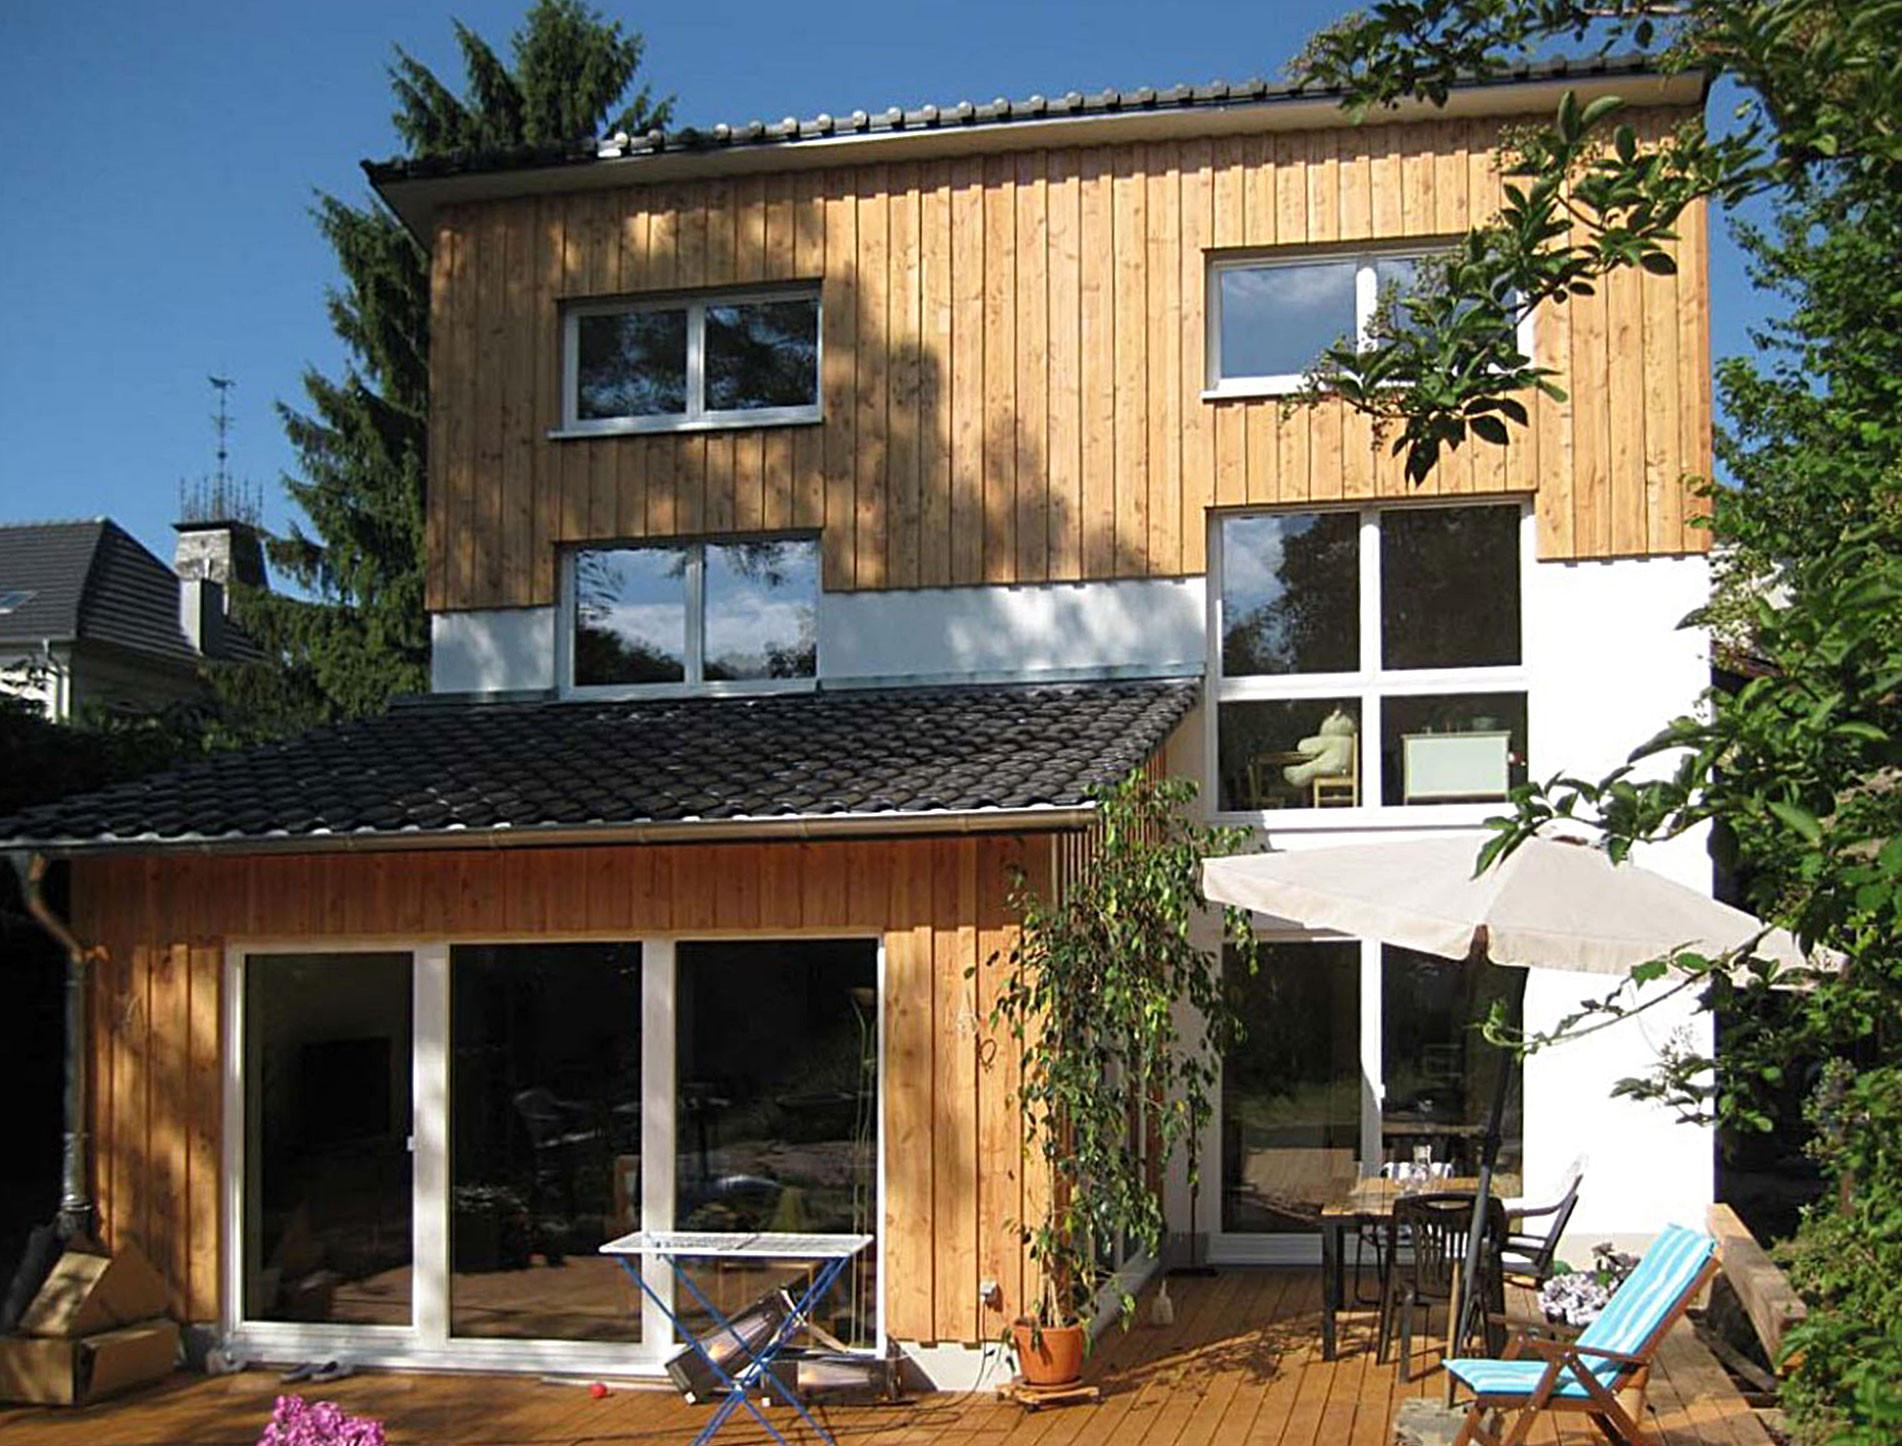 Passivhaus in bonn oberkassel geneigtes dach wohnen - Planquadrat architekten ...